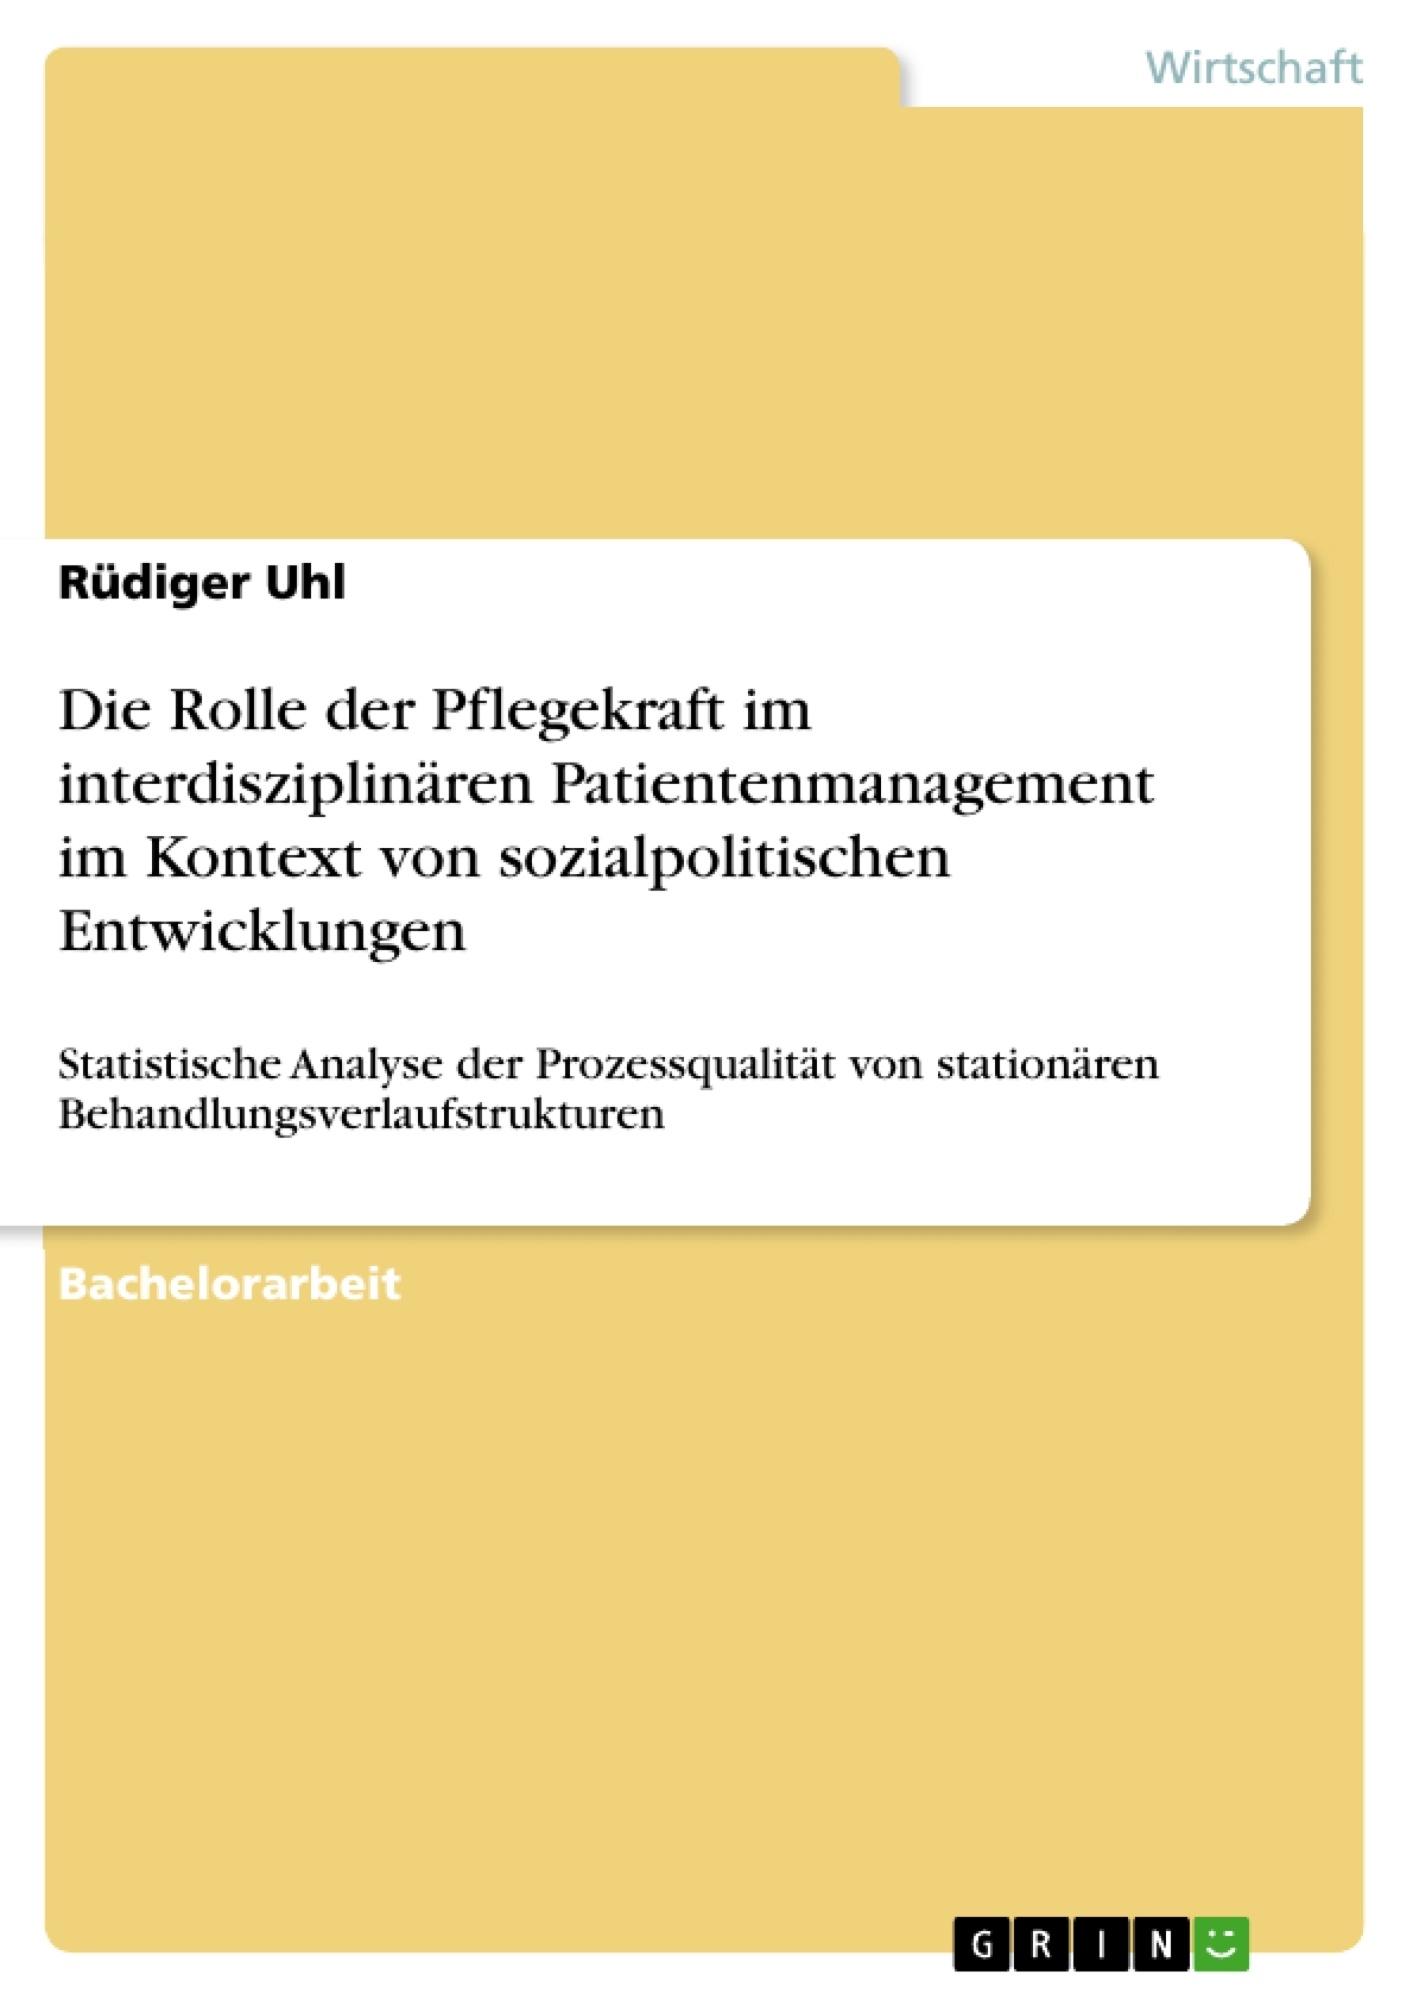 Titel: Die Rolle der Pflegekraft im interdisziplinären Patientenmanagement im Kontext von sozialpolitischen Entwicklungen